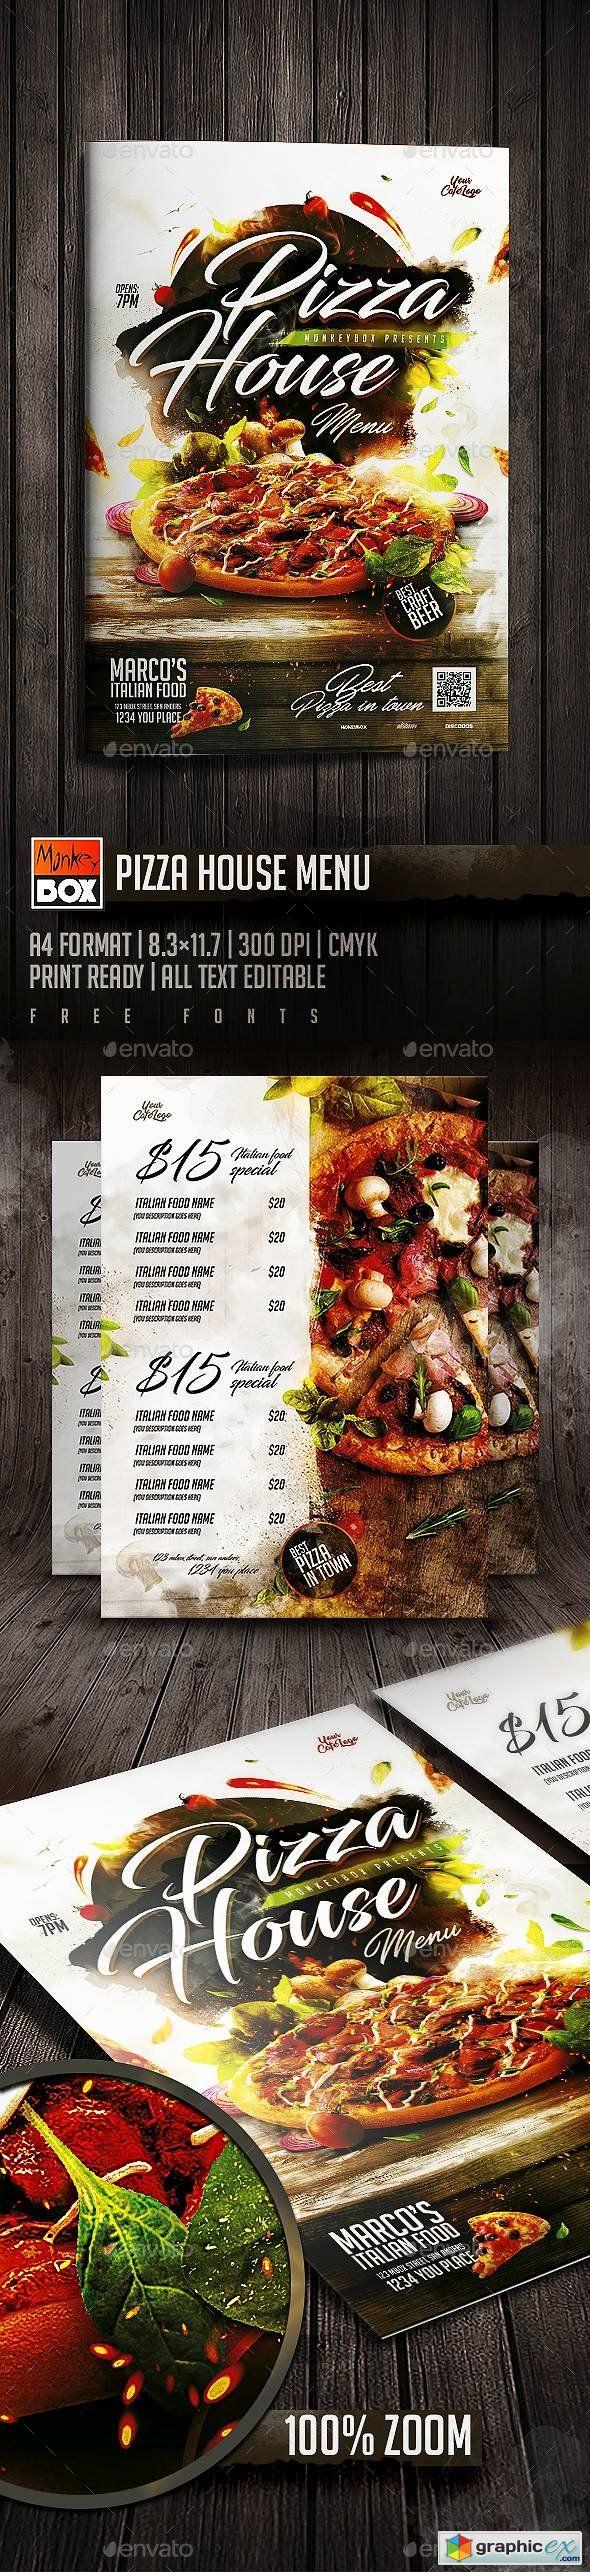 Best Food Menu Flyers Images On   Flyer Design Flyer